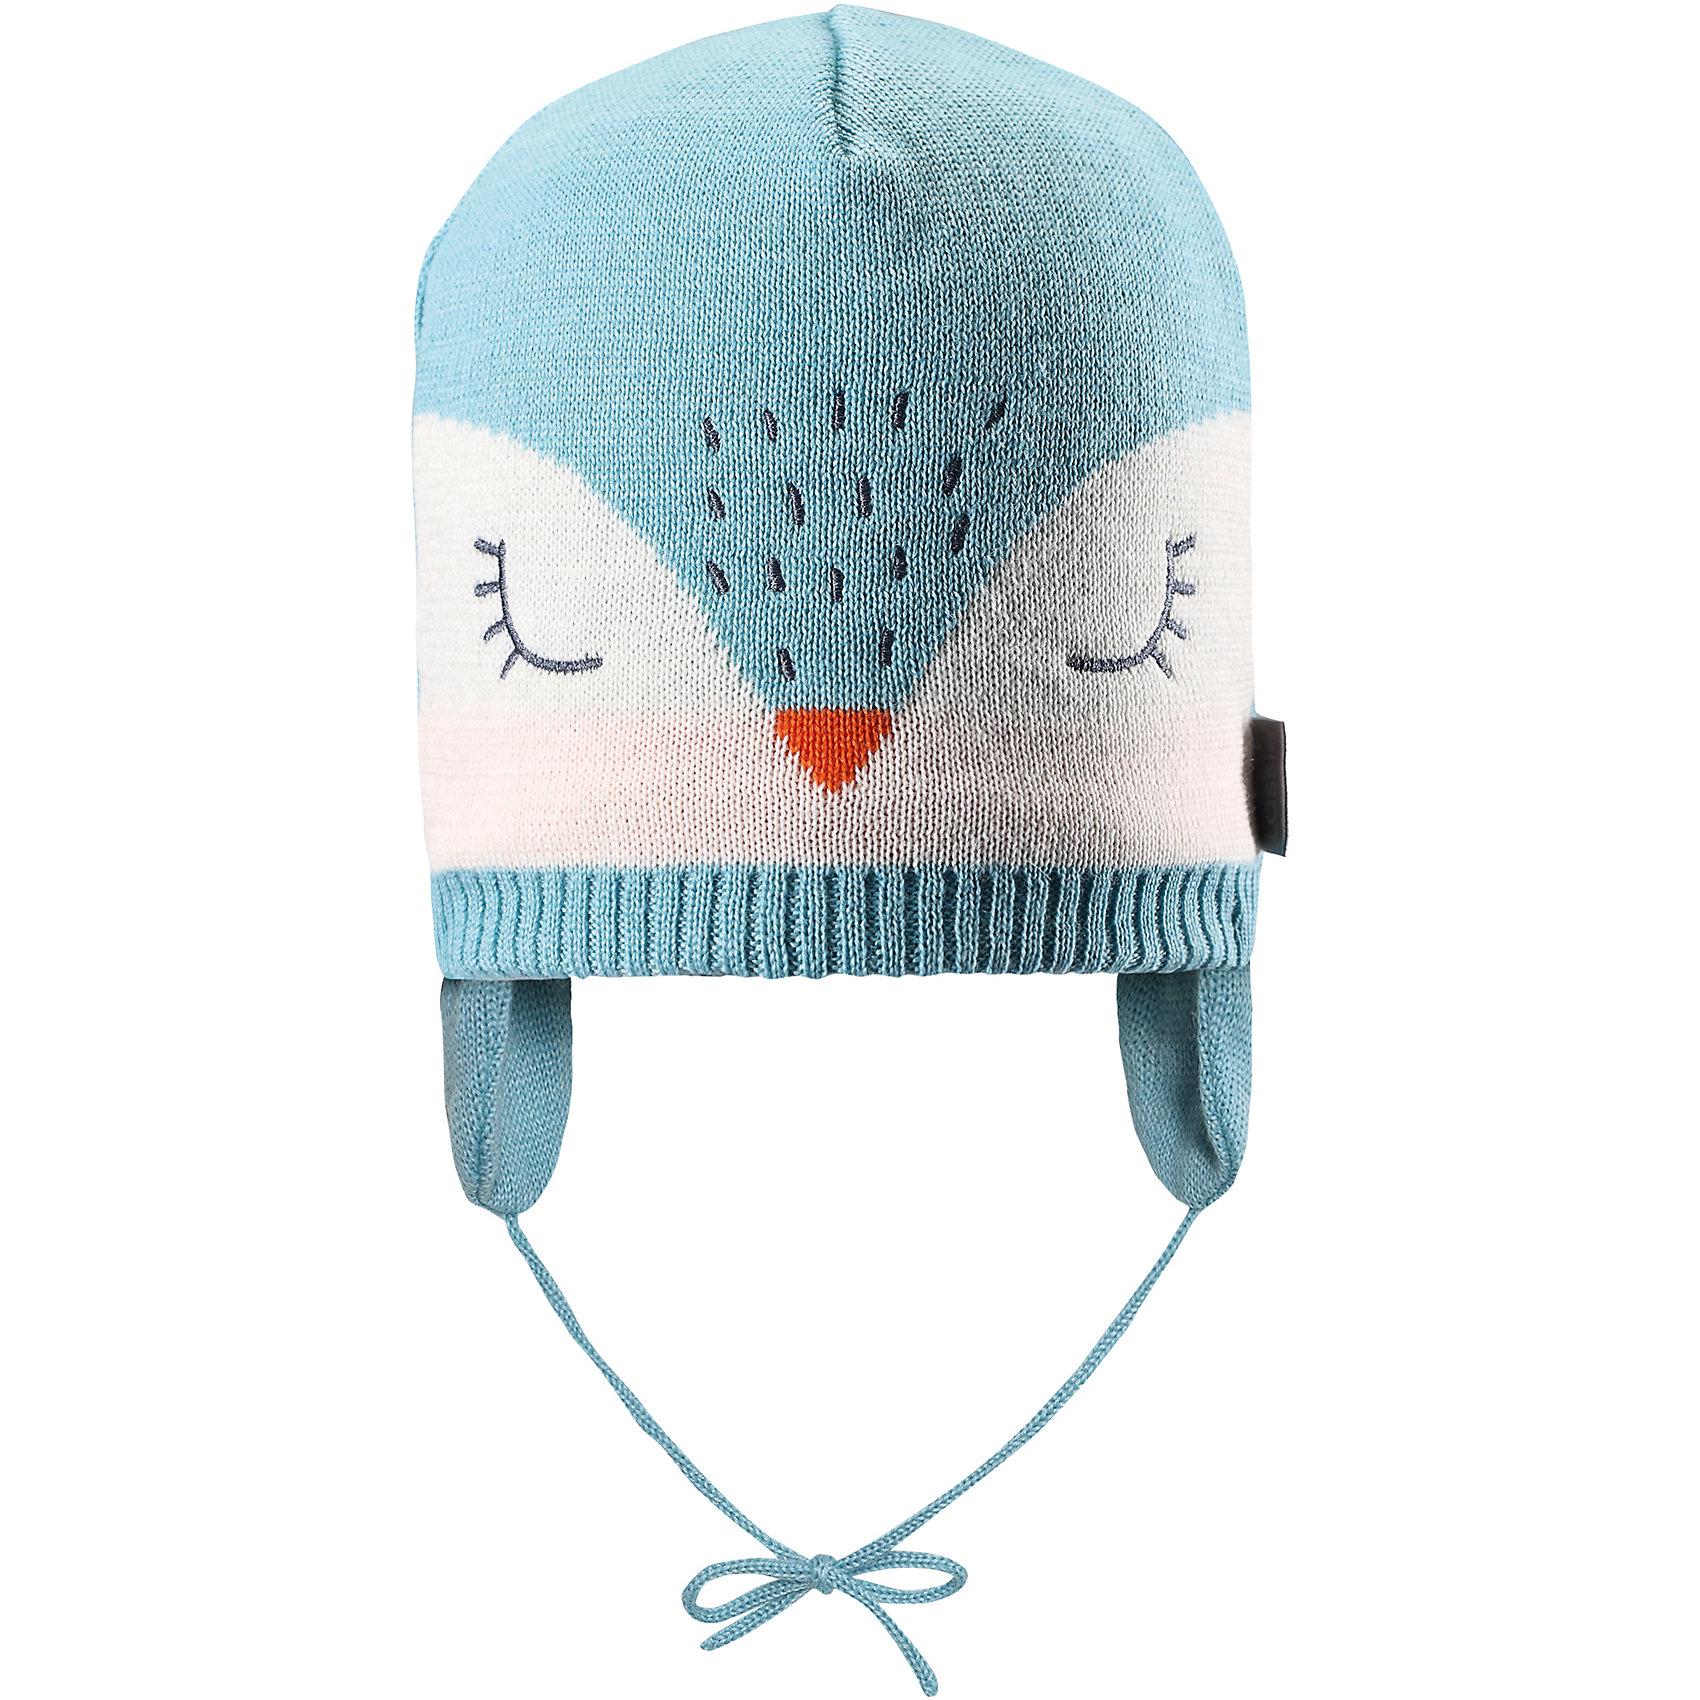 Шапка LassieШапки и шарфы<br>Характеристики товара:<br><br>• цвет: голубой;<br>• состав: 50% шерсть, 50% полиакрил; <br>• подкладка: 100% полиэстер, флис;<br>• сезон: зима;<br>• без дополнительного утепления;<br>• температурный режим: от 0 до -20С;<br>• мягкая и теплая ткань из смеси шерсти;<br>• ветронепроницаемые вставки в области ушей;<br>• сплошная подкладка: мягкий теплый флис;<br>• шапка на завязках;<br>• светоотражающие детали;<br>• страна бренда: Финляндия;<br>• страна изготовитель: Китай;<br><br>Эта очень мягкая и теплая шапка для новорожденных – превосходный аксессуар для холодных зимних деньков. Ветронепроницаемые вставки в области ушей обеспечивают ушкам дополнительную защиту, а мягкая флисовая подкладка очень приятна на ощупь.<br><br>Шапку Lassie (Ласси) можно купить в нашем интернет-магазине.<br><br>Ширина мм: 89<br>Глубина мм: 117<br>Высота мм: 44<br>Вес г: 155<br>Цвет: синий<br>Возраст от месяцев: 36<br>Возраст до месяцев: 72<br>Пол: Унисекс<br>Возраст: Детский<br>Размер: 50-52,42-44,44-46,46-48<br>SKU: 6905550